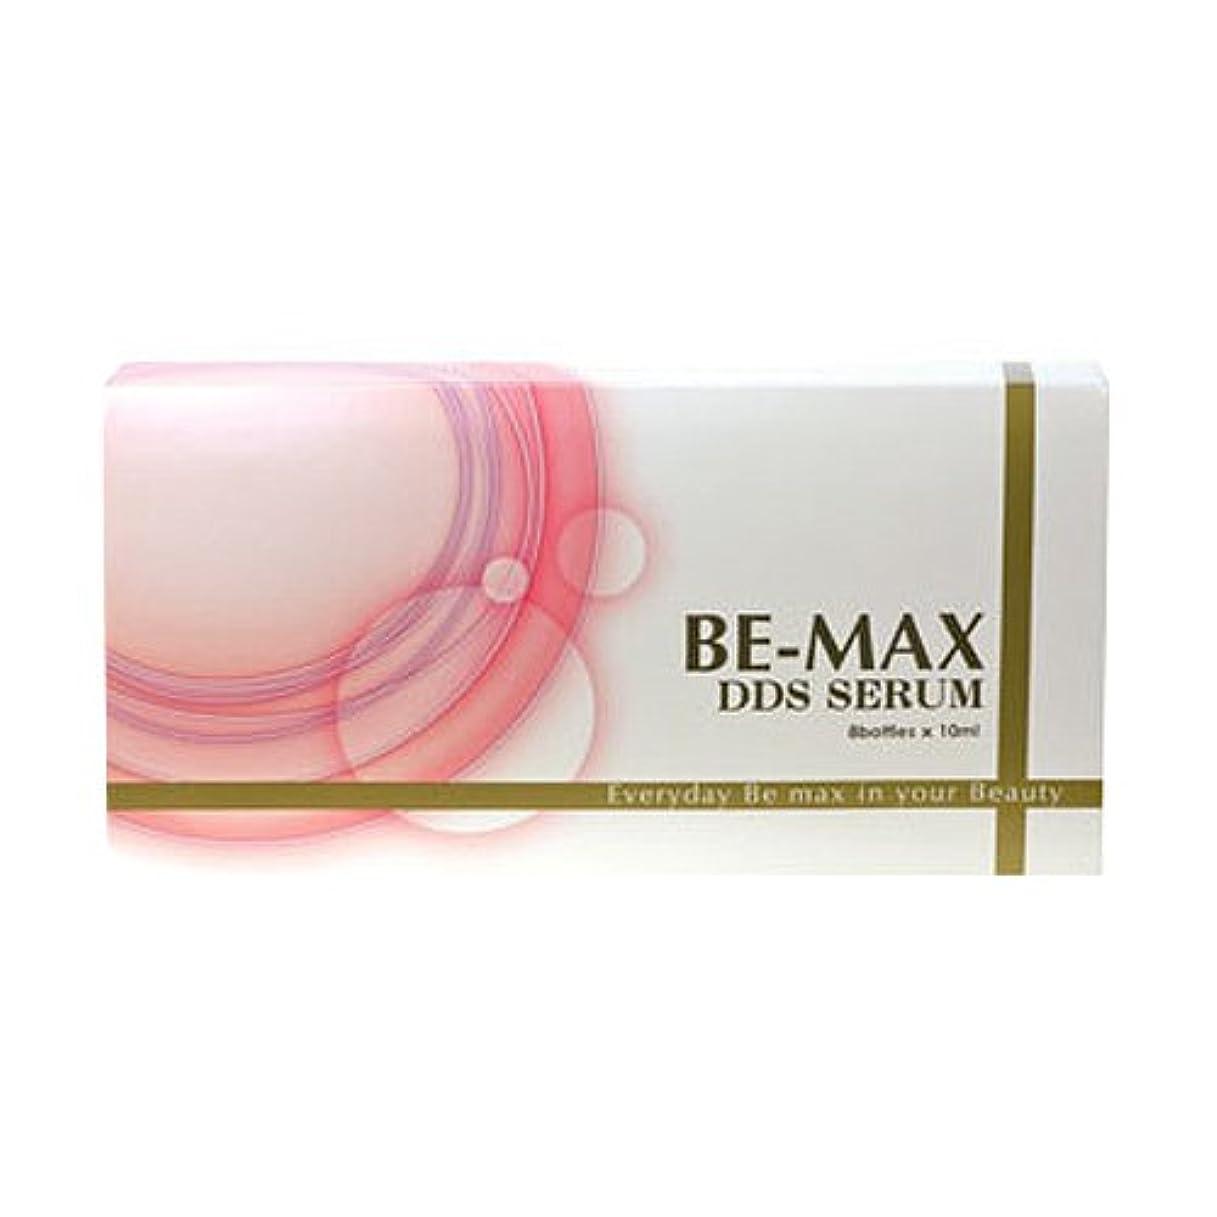 しなやか神経障害テレマコスビーマックス DDSセラム (10ml×8本) 美容液 BE-MAX DDS SERUM